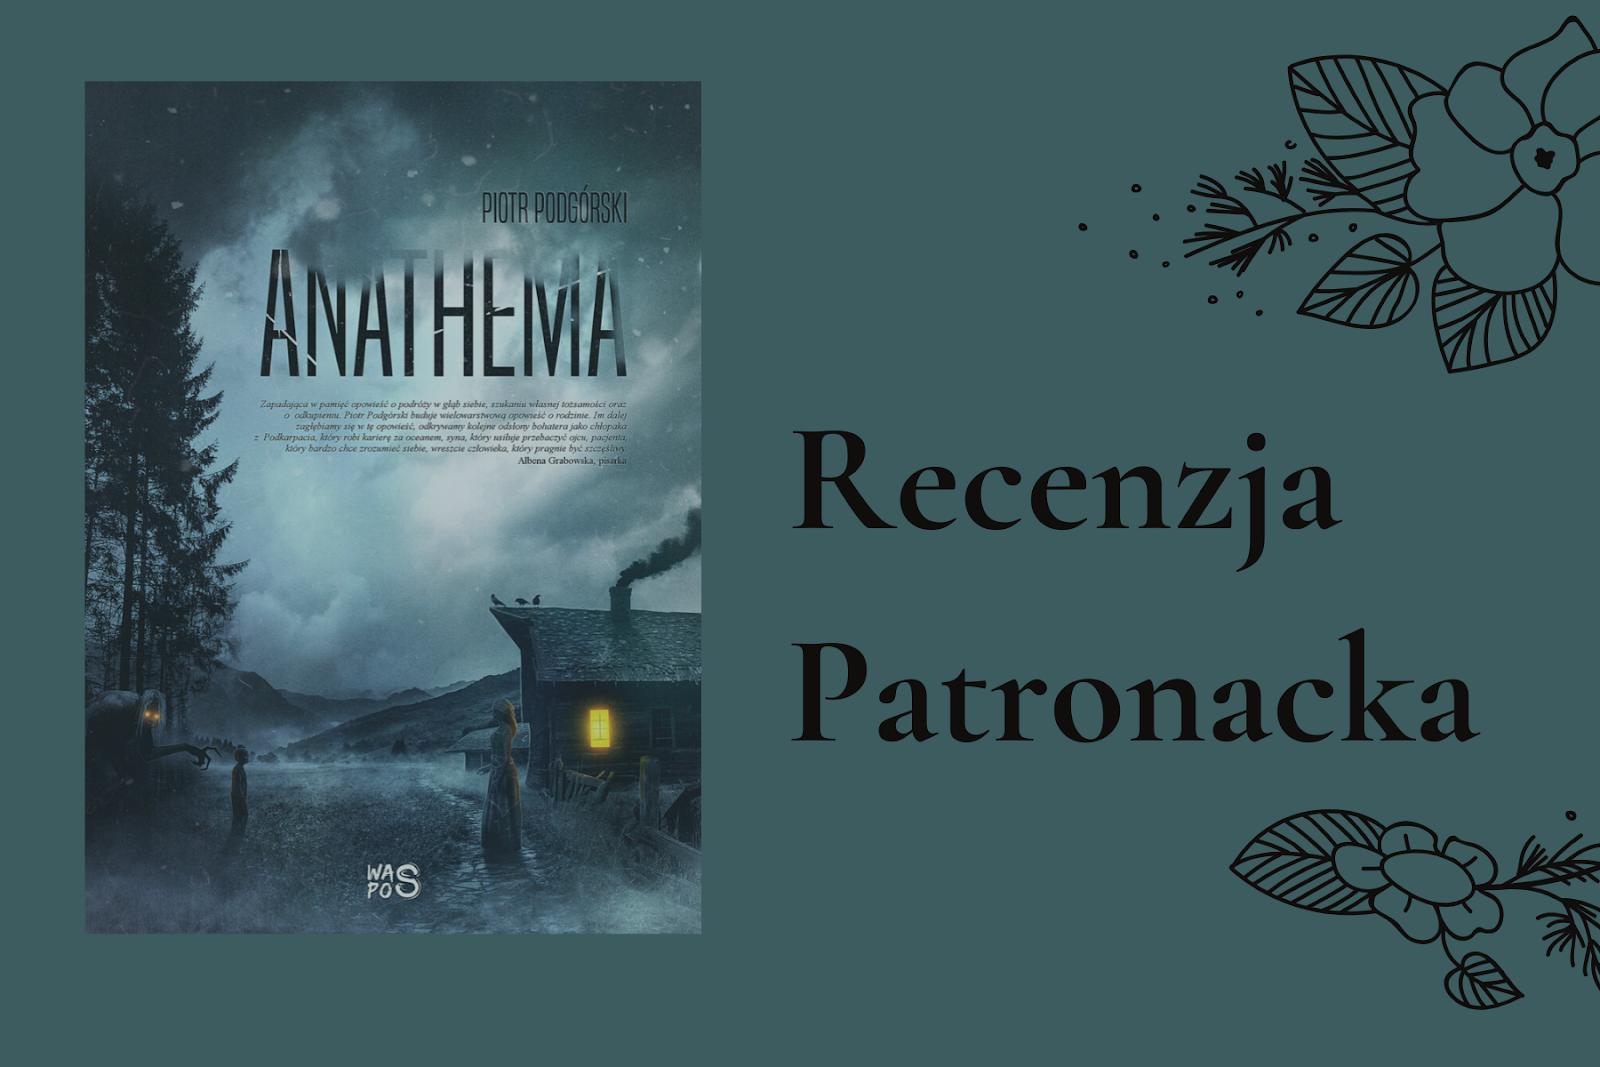 """PRZEDPREMIEROWO Co oznacza """"Anathema"""" Piotr Podgórski"""